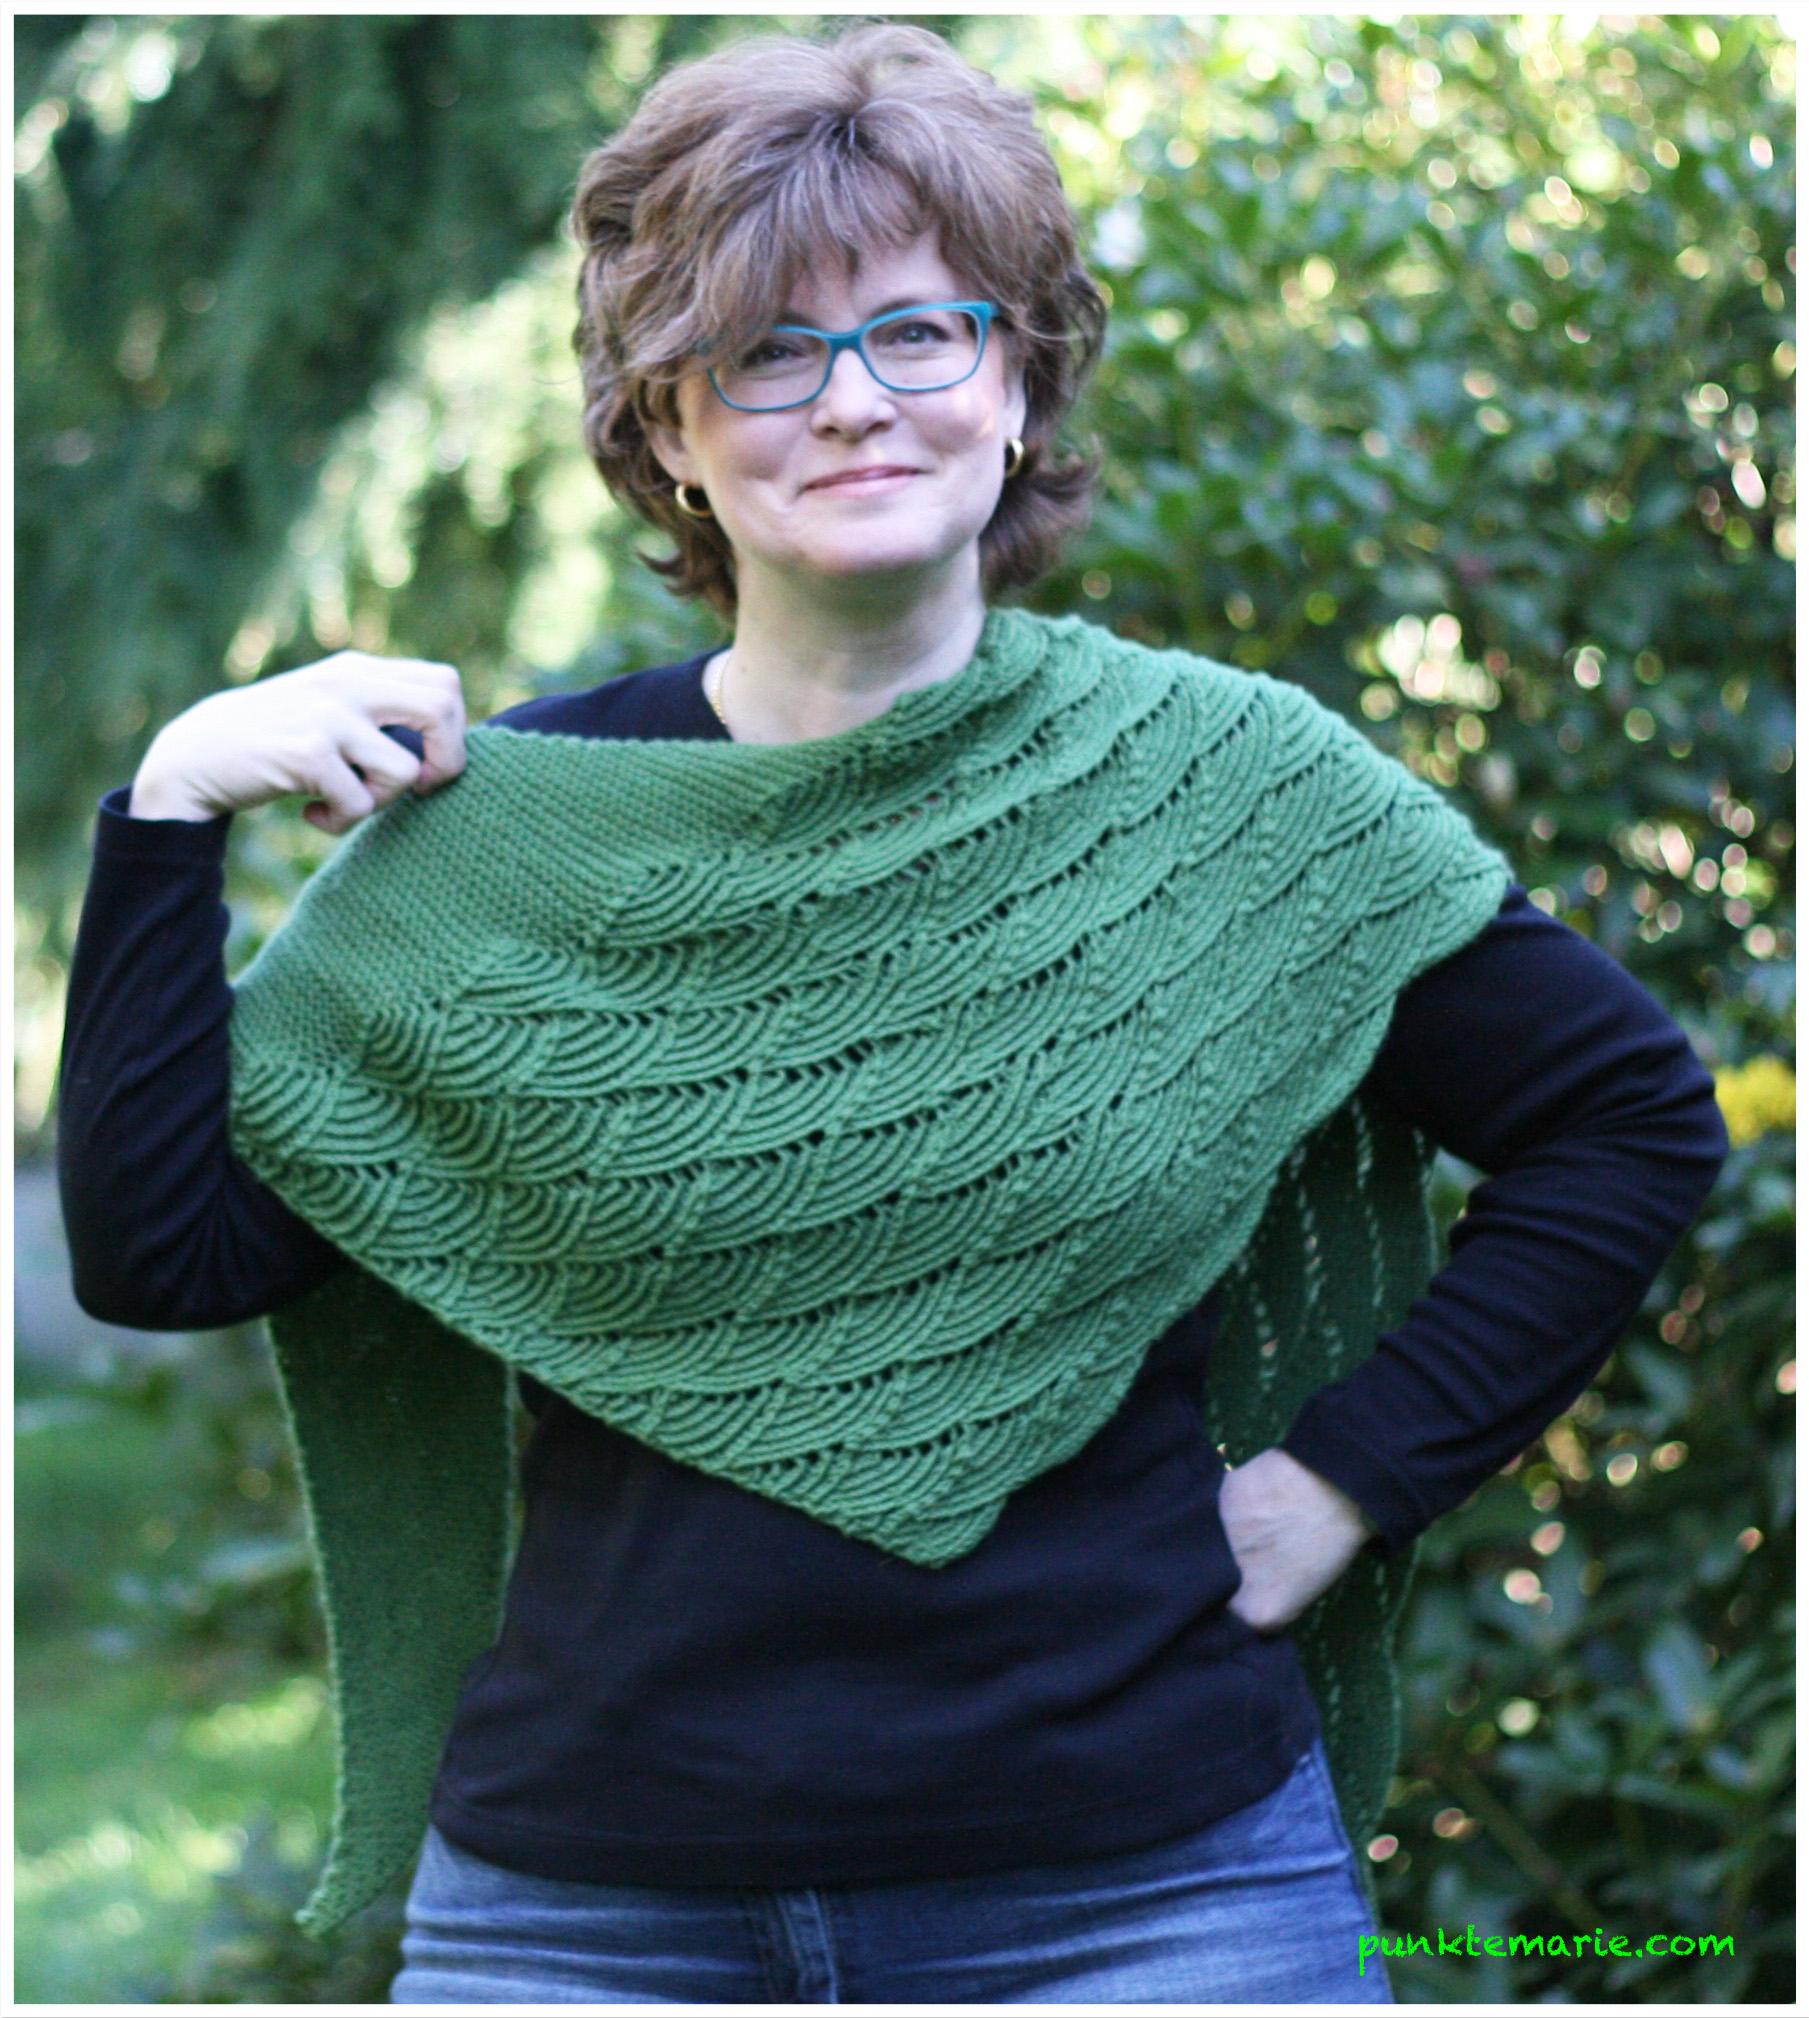 Grüne Rheinlust – Punktemarie näht und strickt